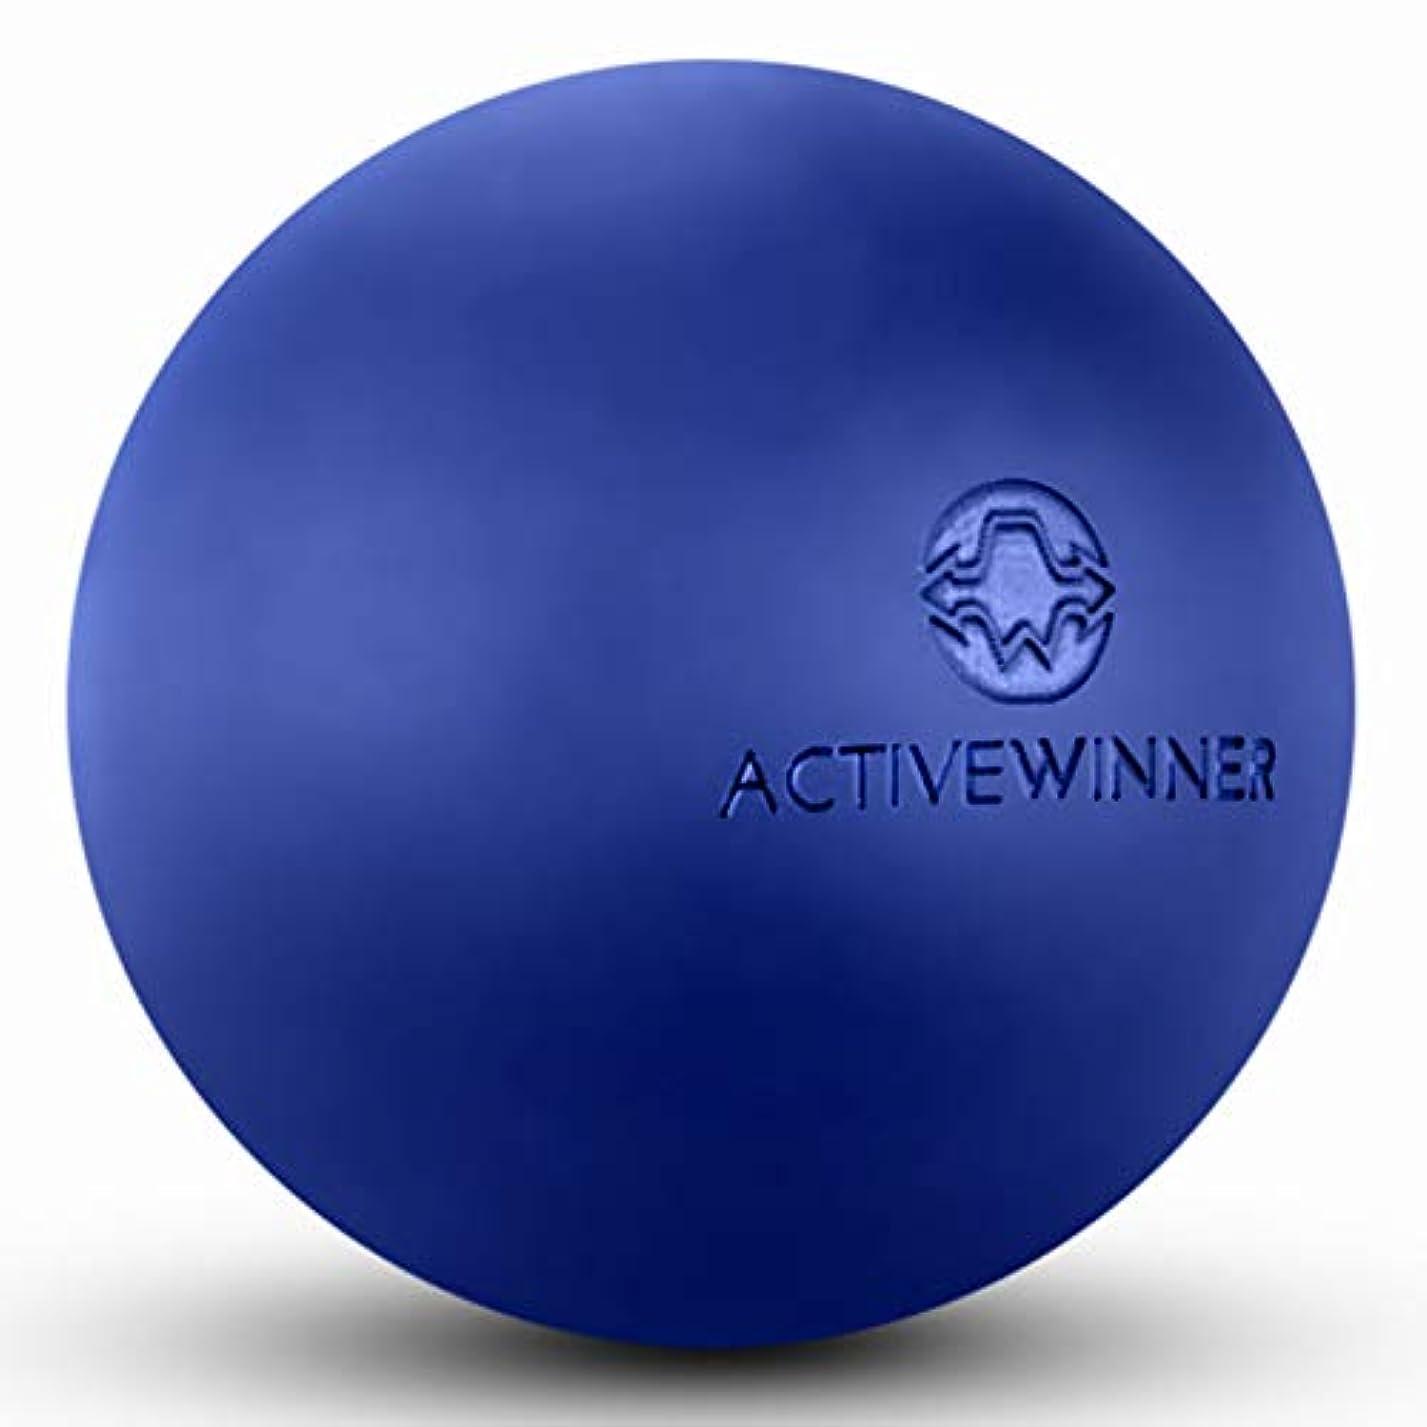 スリチンモイ感じる肯定的Active Winner マッサージボール トリガーポイント (ネイビー) ストレッチボール 筋膜リリース トレーニング 背中 肩こり 腰 ふくらはぎ 足 ツボ押し